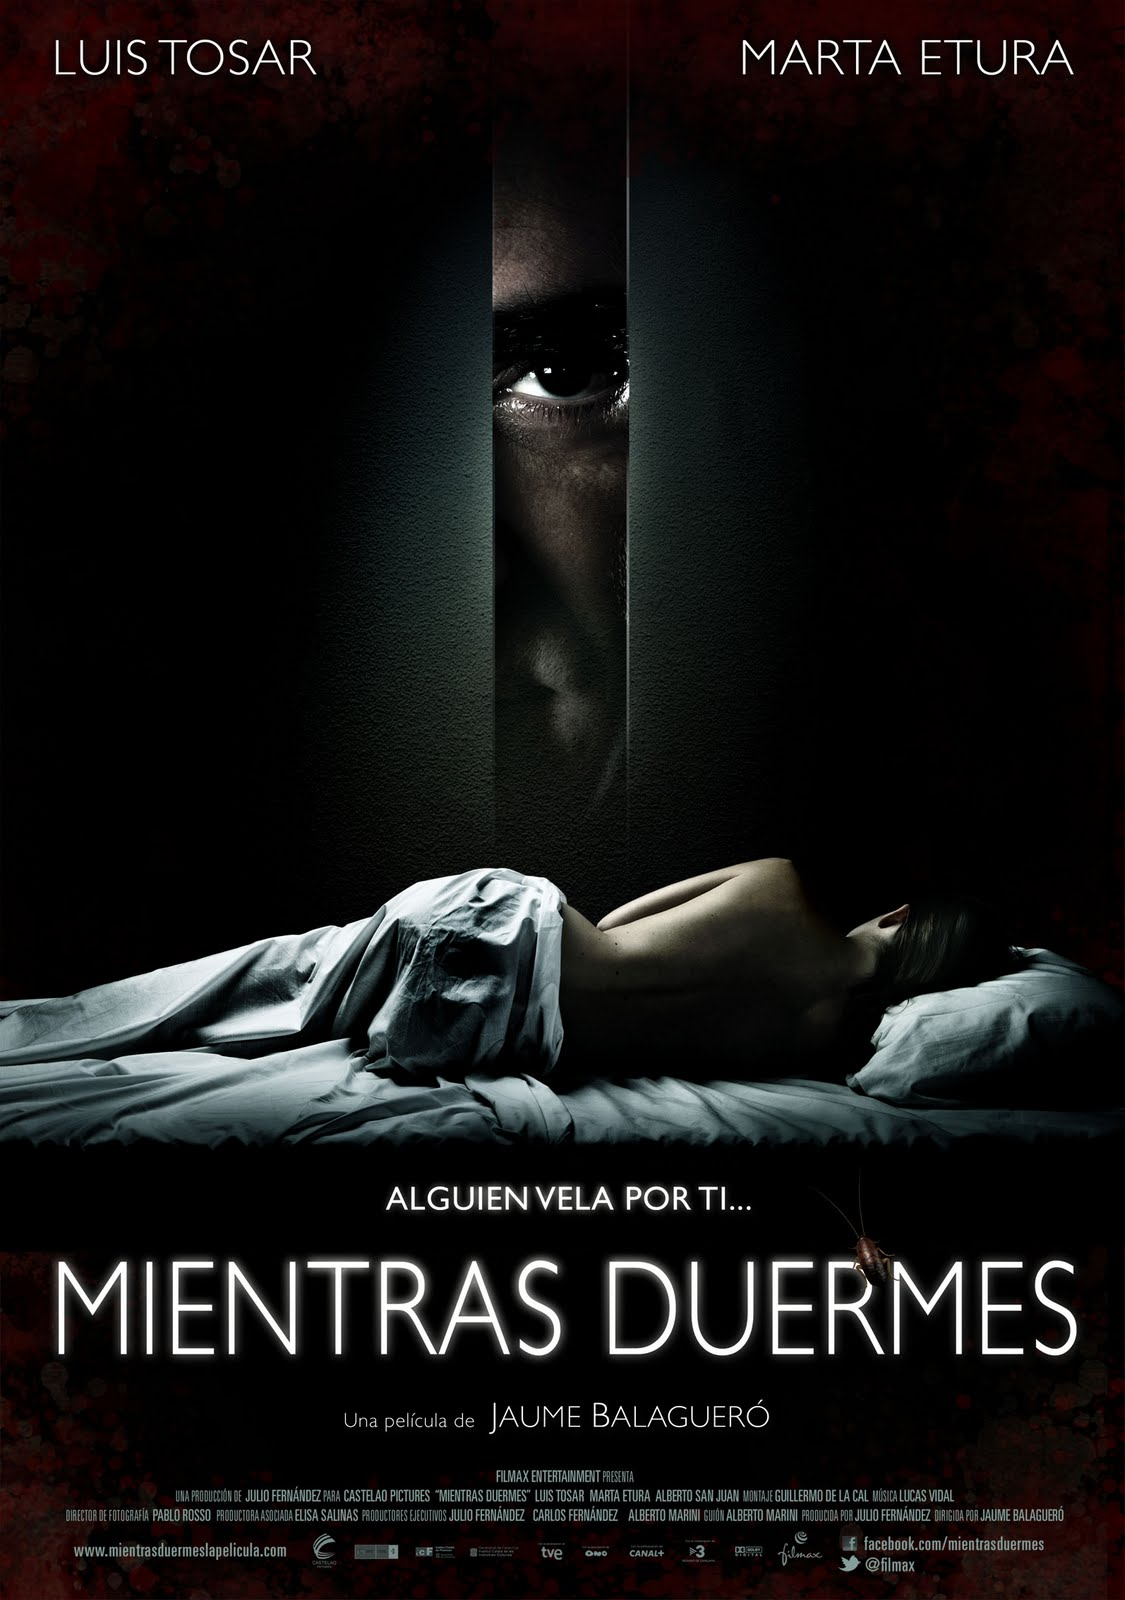 http://2.bp.blogspot.com/-C7EQpL1tmI0/T_IGOq9n0GI/AAAAAAAABTA/ktYRVlKc_gg/s1600/Sleep%2BTight%2B2011%2B360s.vn.jpg